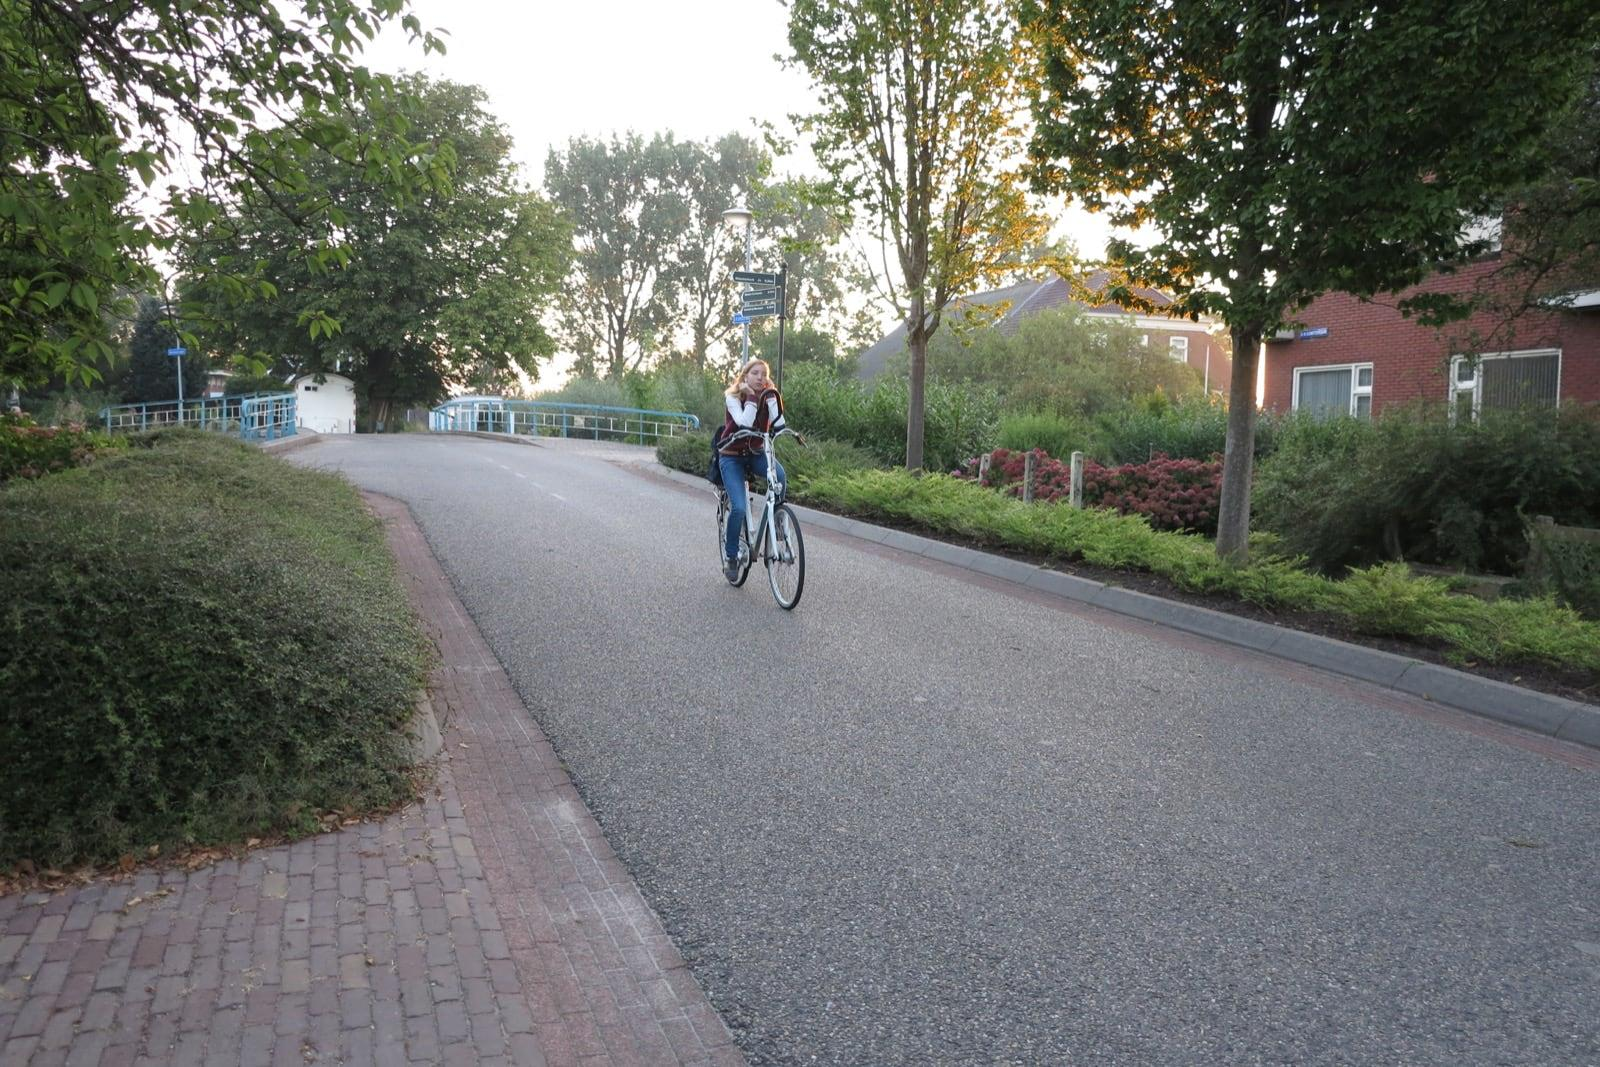 et-fiets-en-fietser-70-maureen-bats-oi.jpg